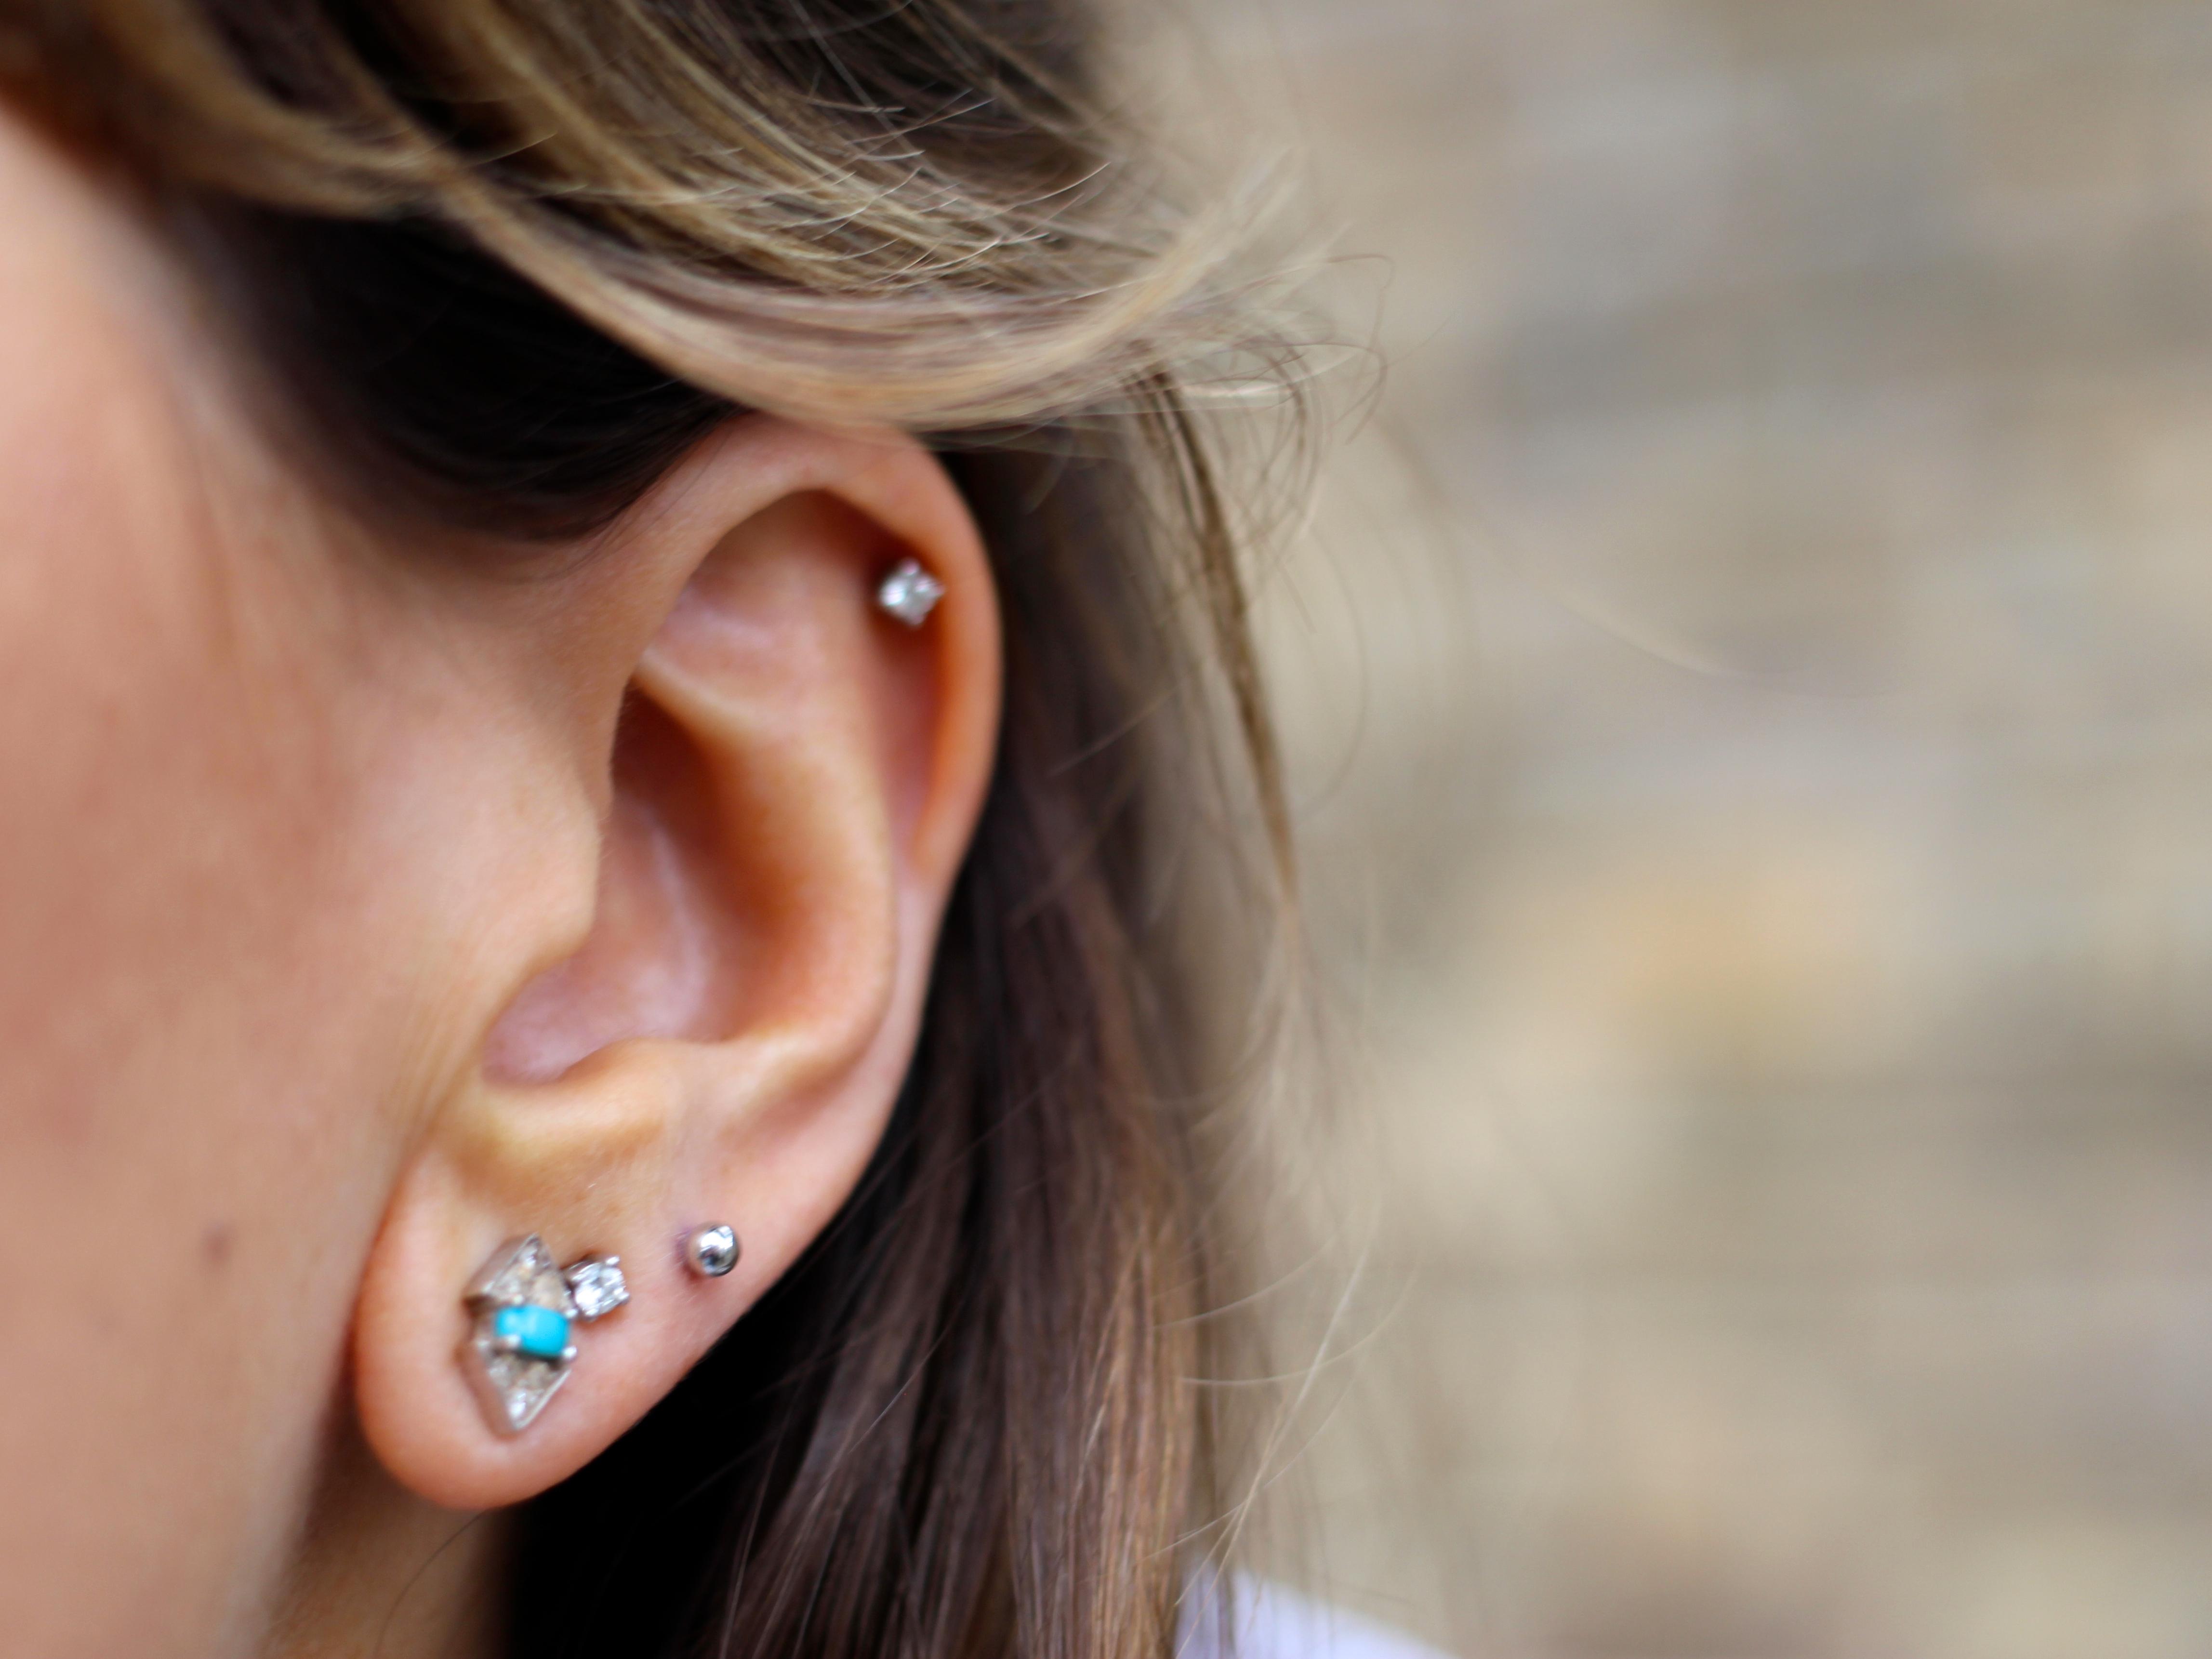 Four Piercings in ear